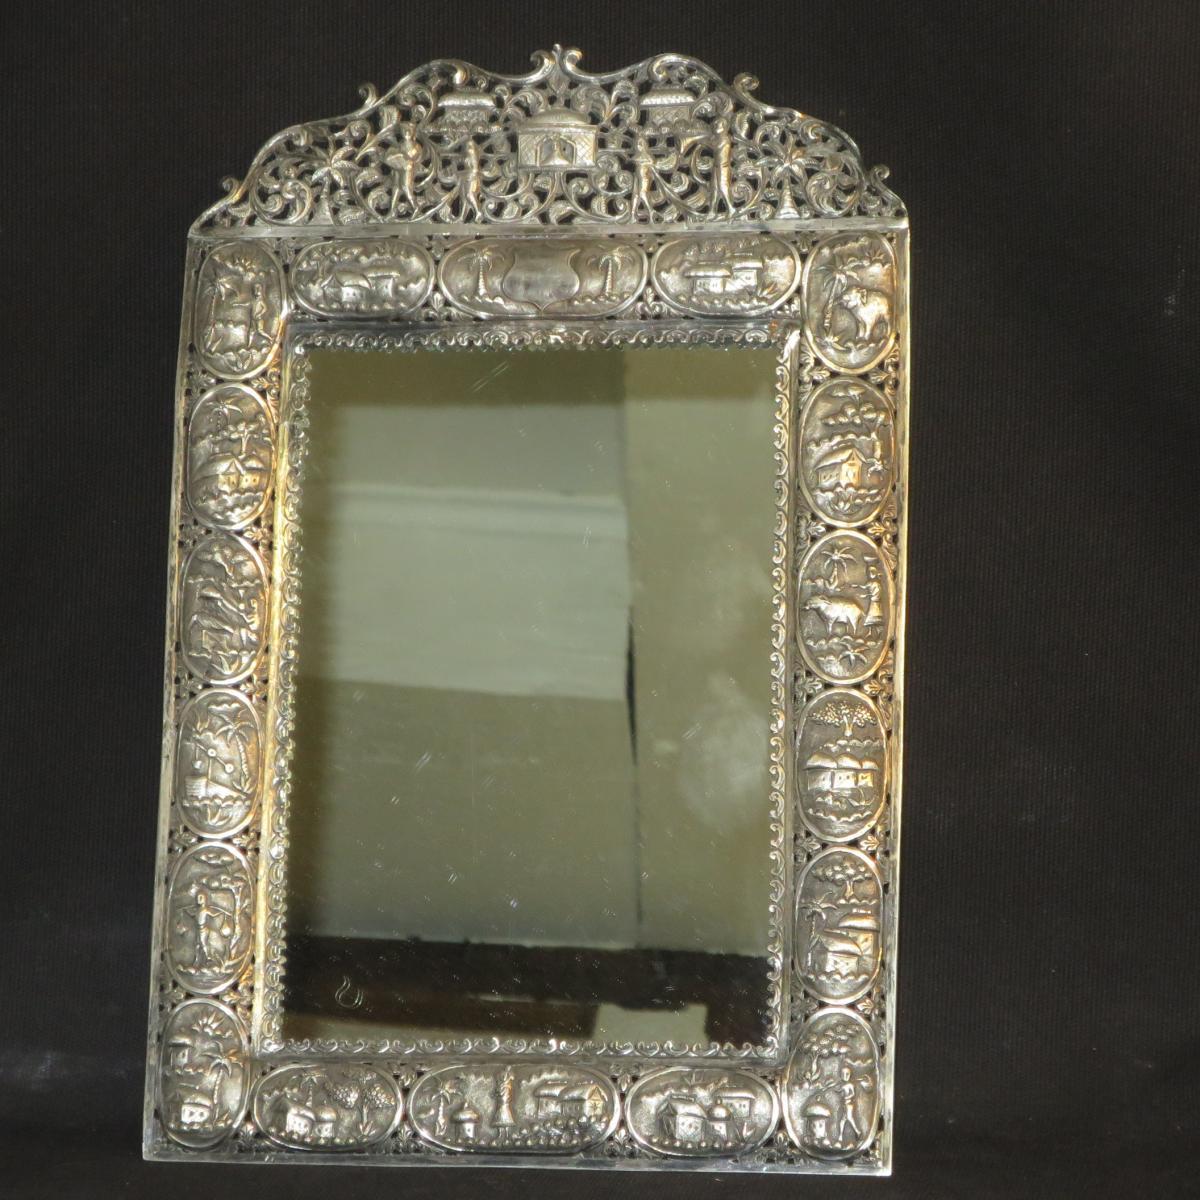 ancien miroir xixe indochine argent bas titre cadre ajour miroirs. Black Bedroom Furniture Sets. Home Design Ideas